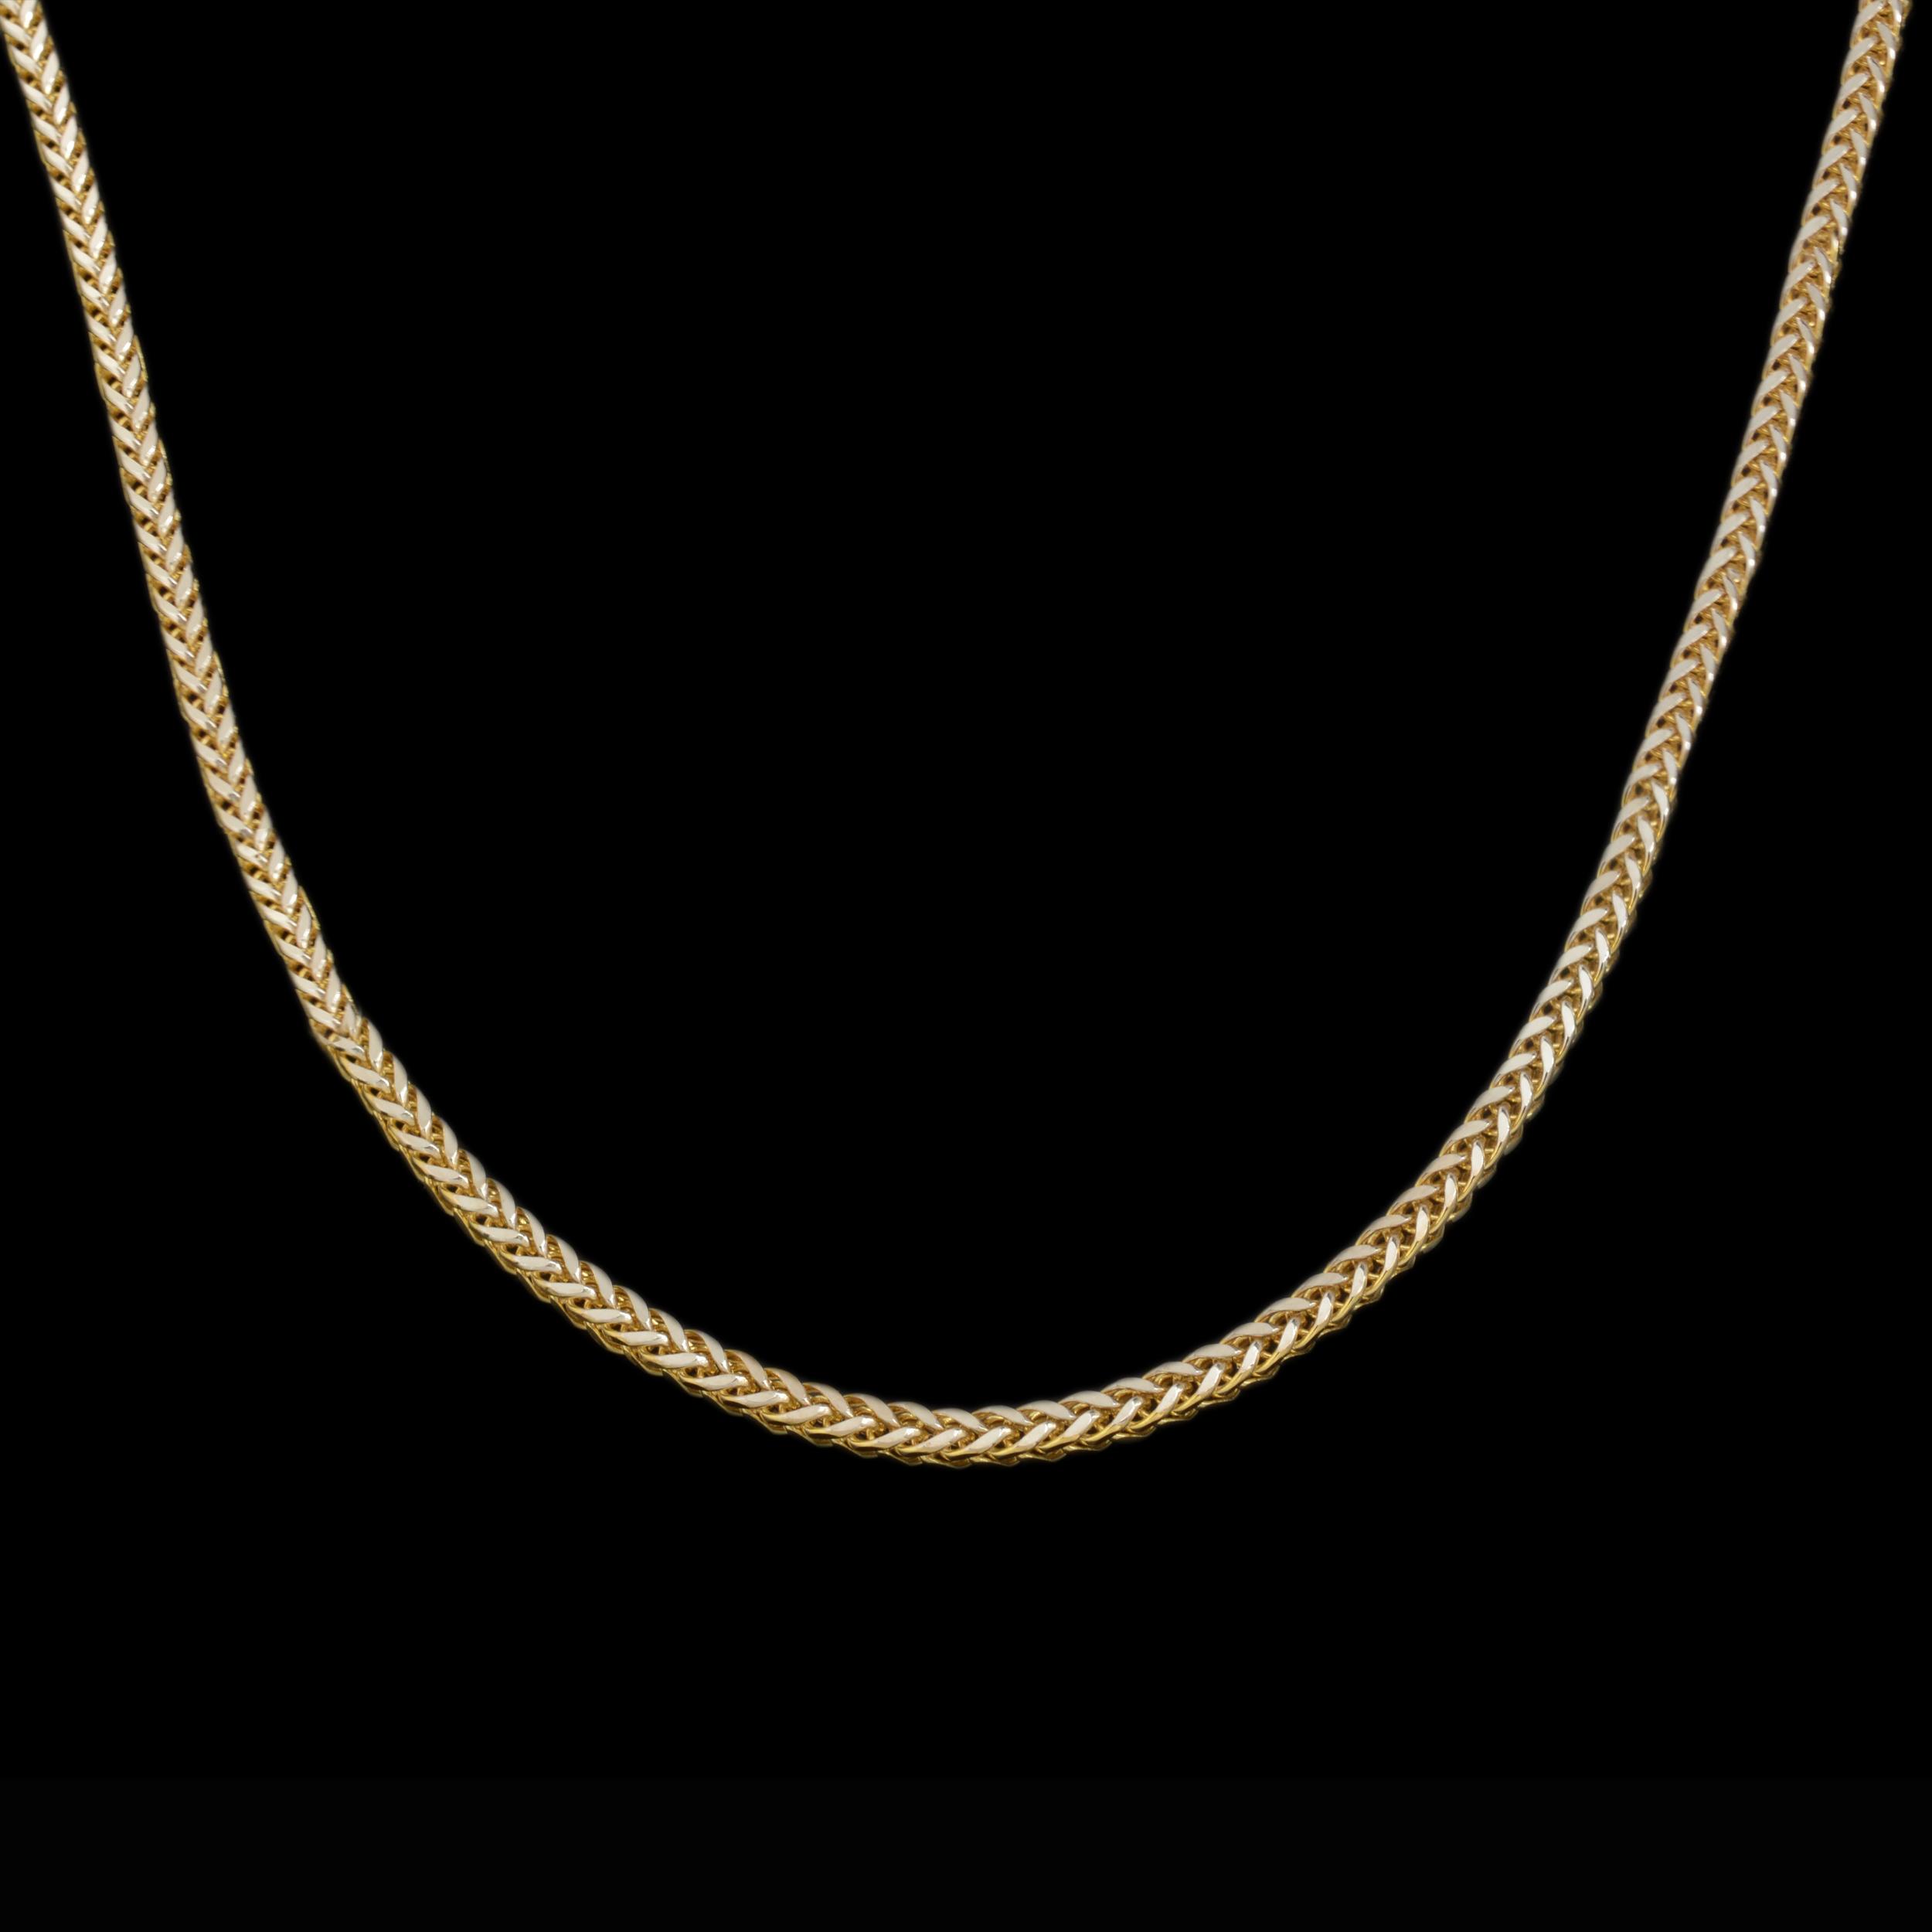 زنجیر طلا زنانه